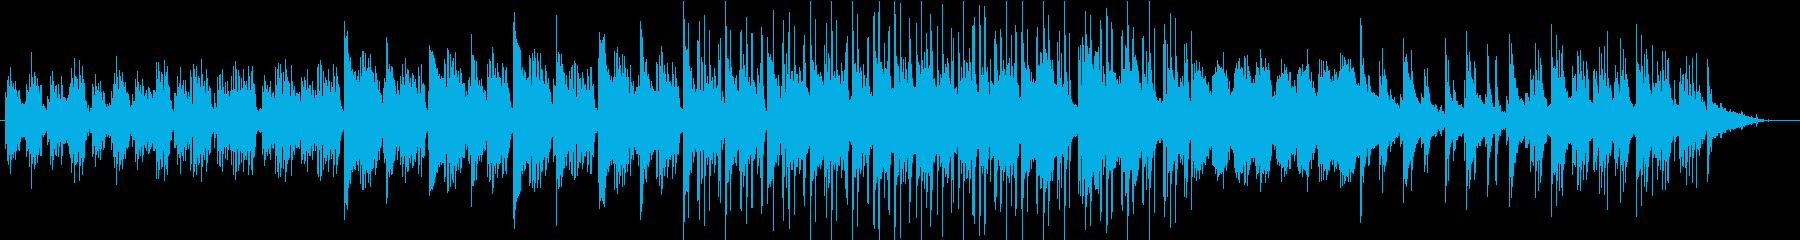 ピアノ 癒しの音楽。木漏れ日。の再生済みの波形